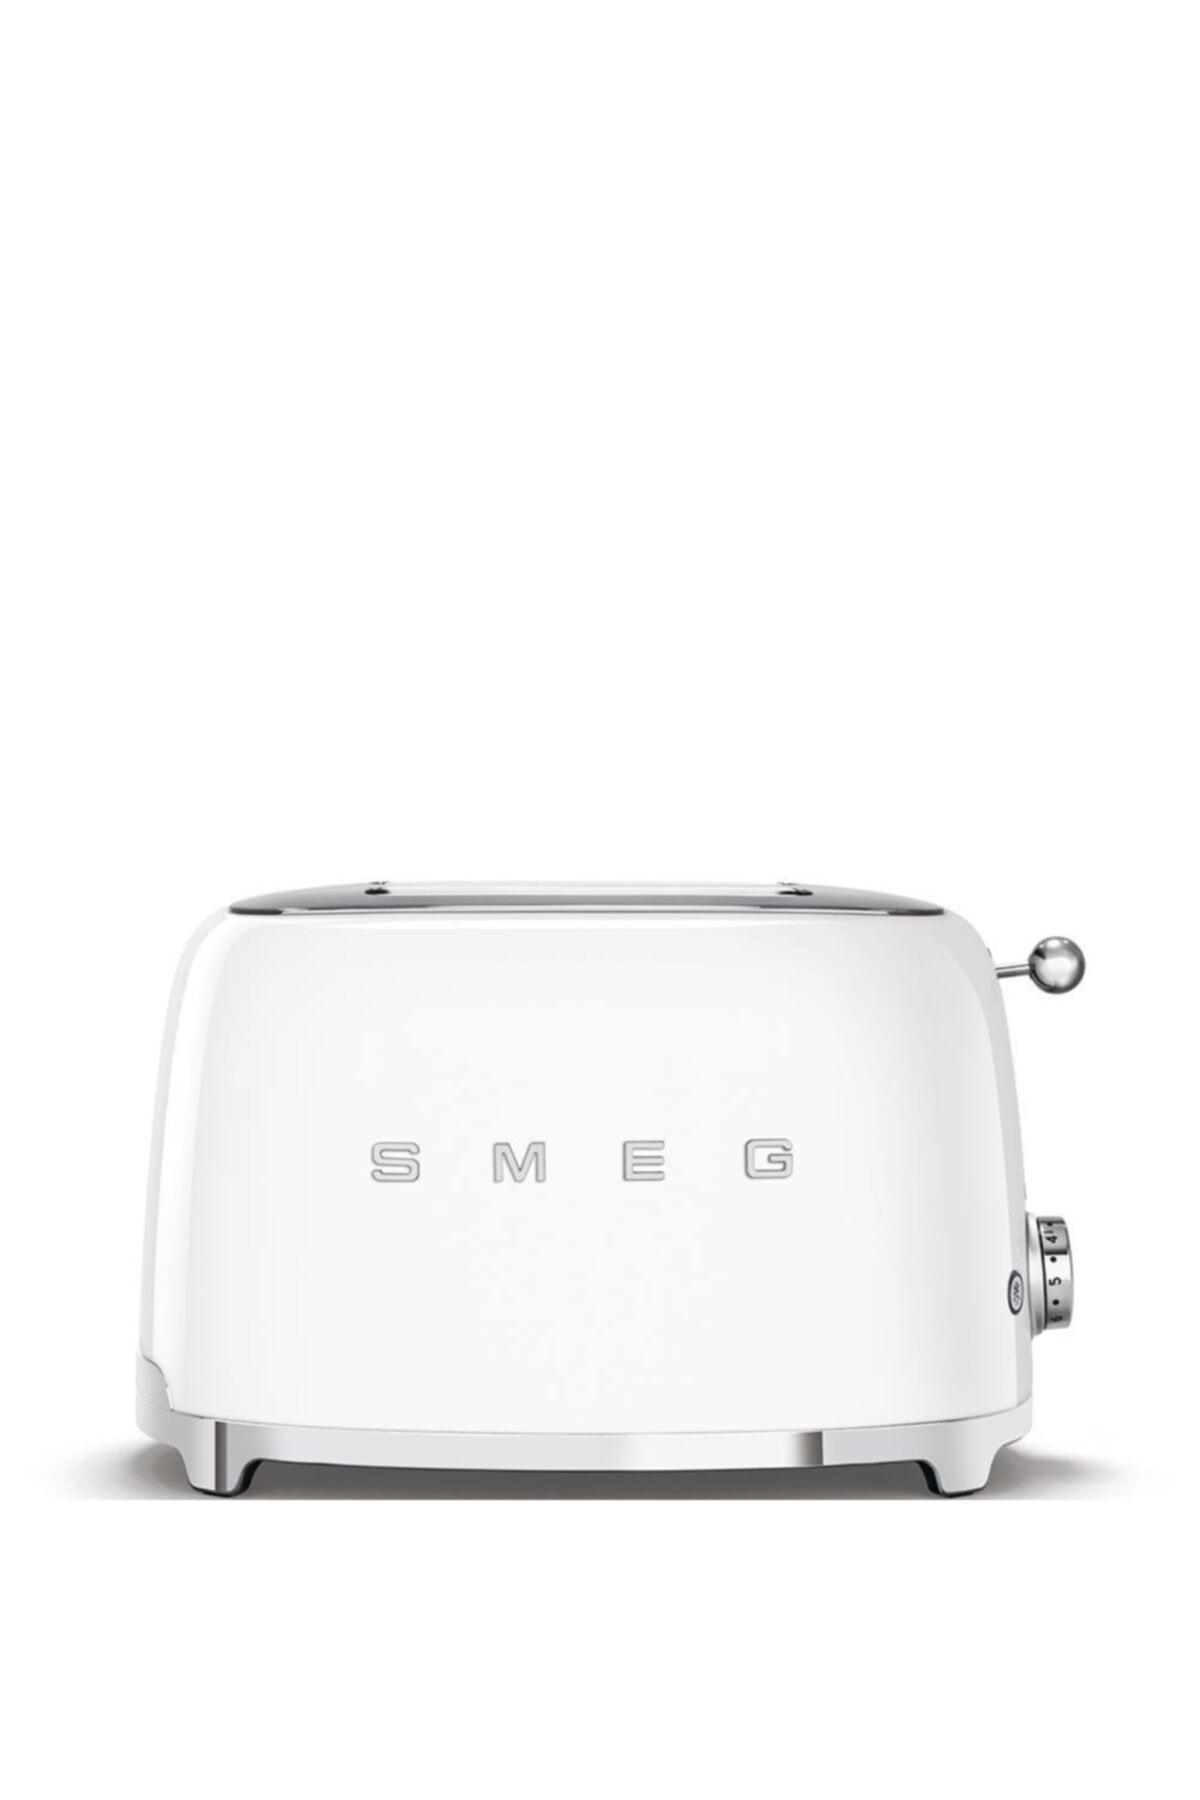 SMEG Tsf01wheu Retro Beyaz 2x2 Slot Ekmek Kızartma Makinesi 1